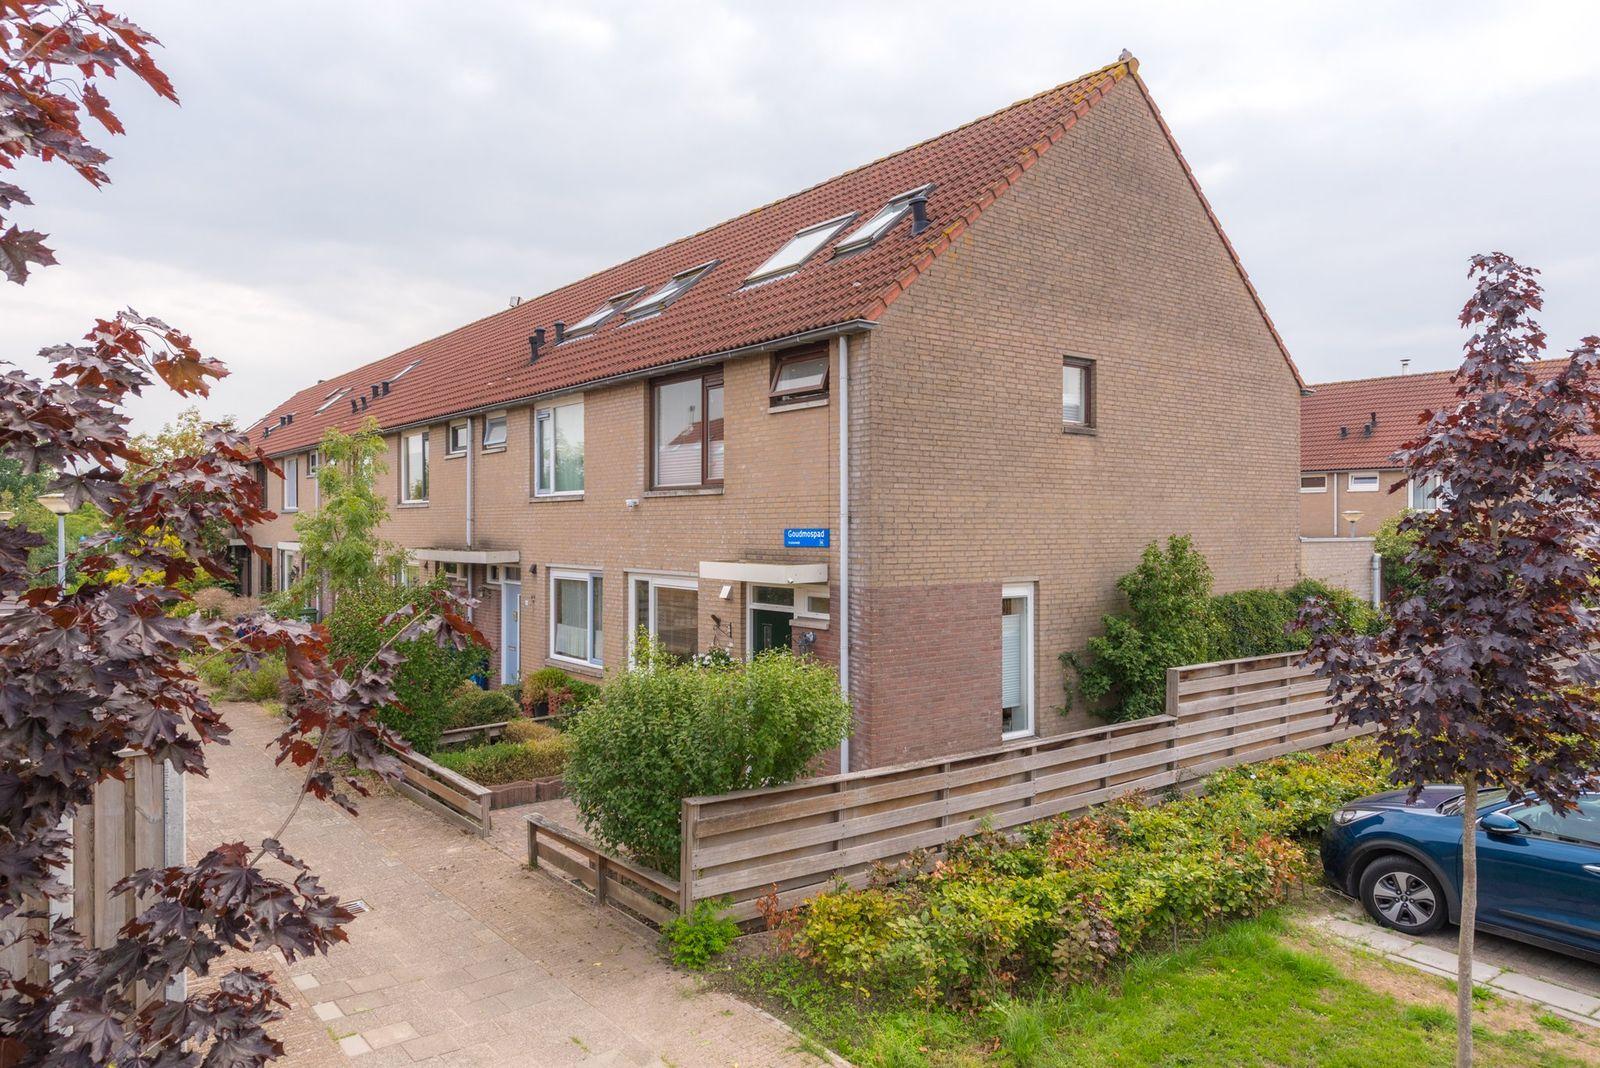 Goudmospad 4, Almere